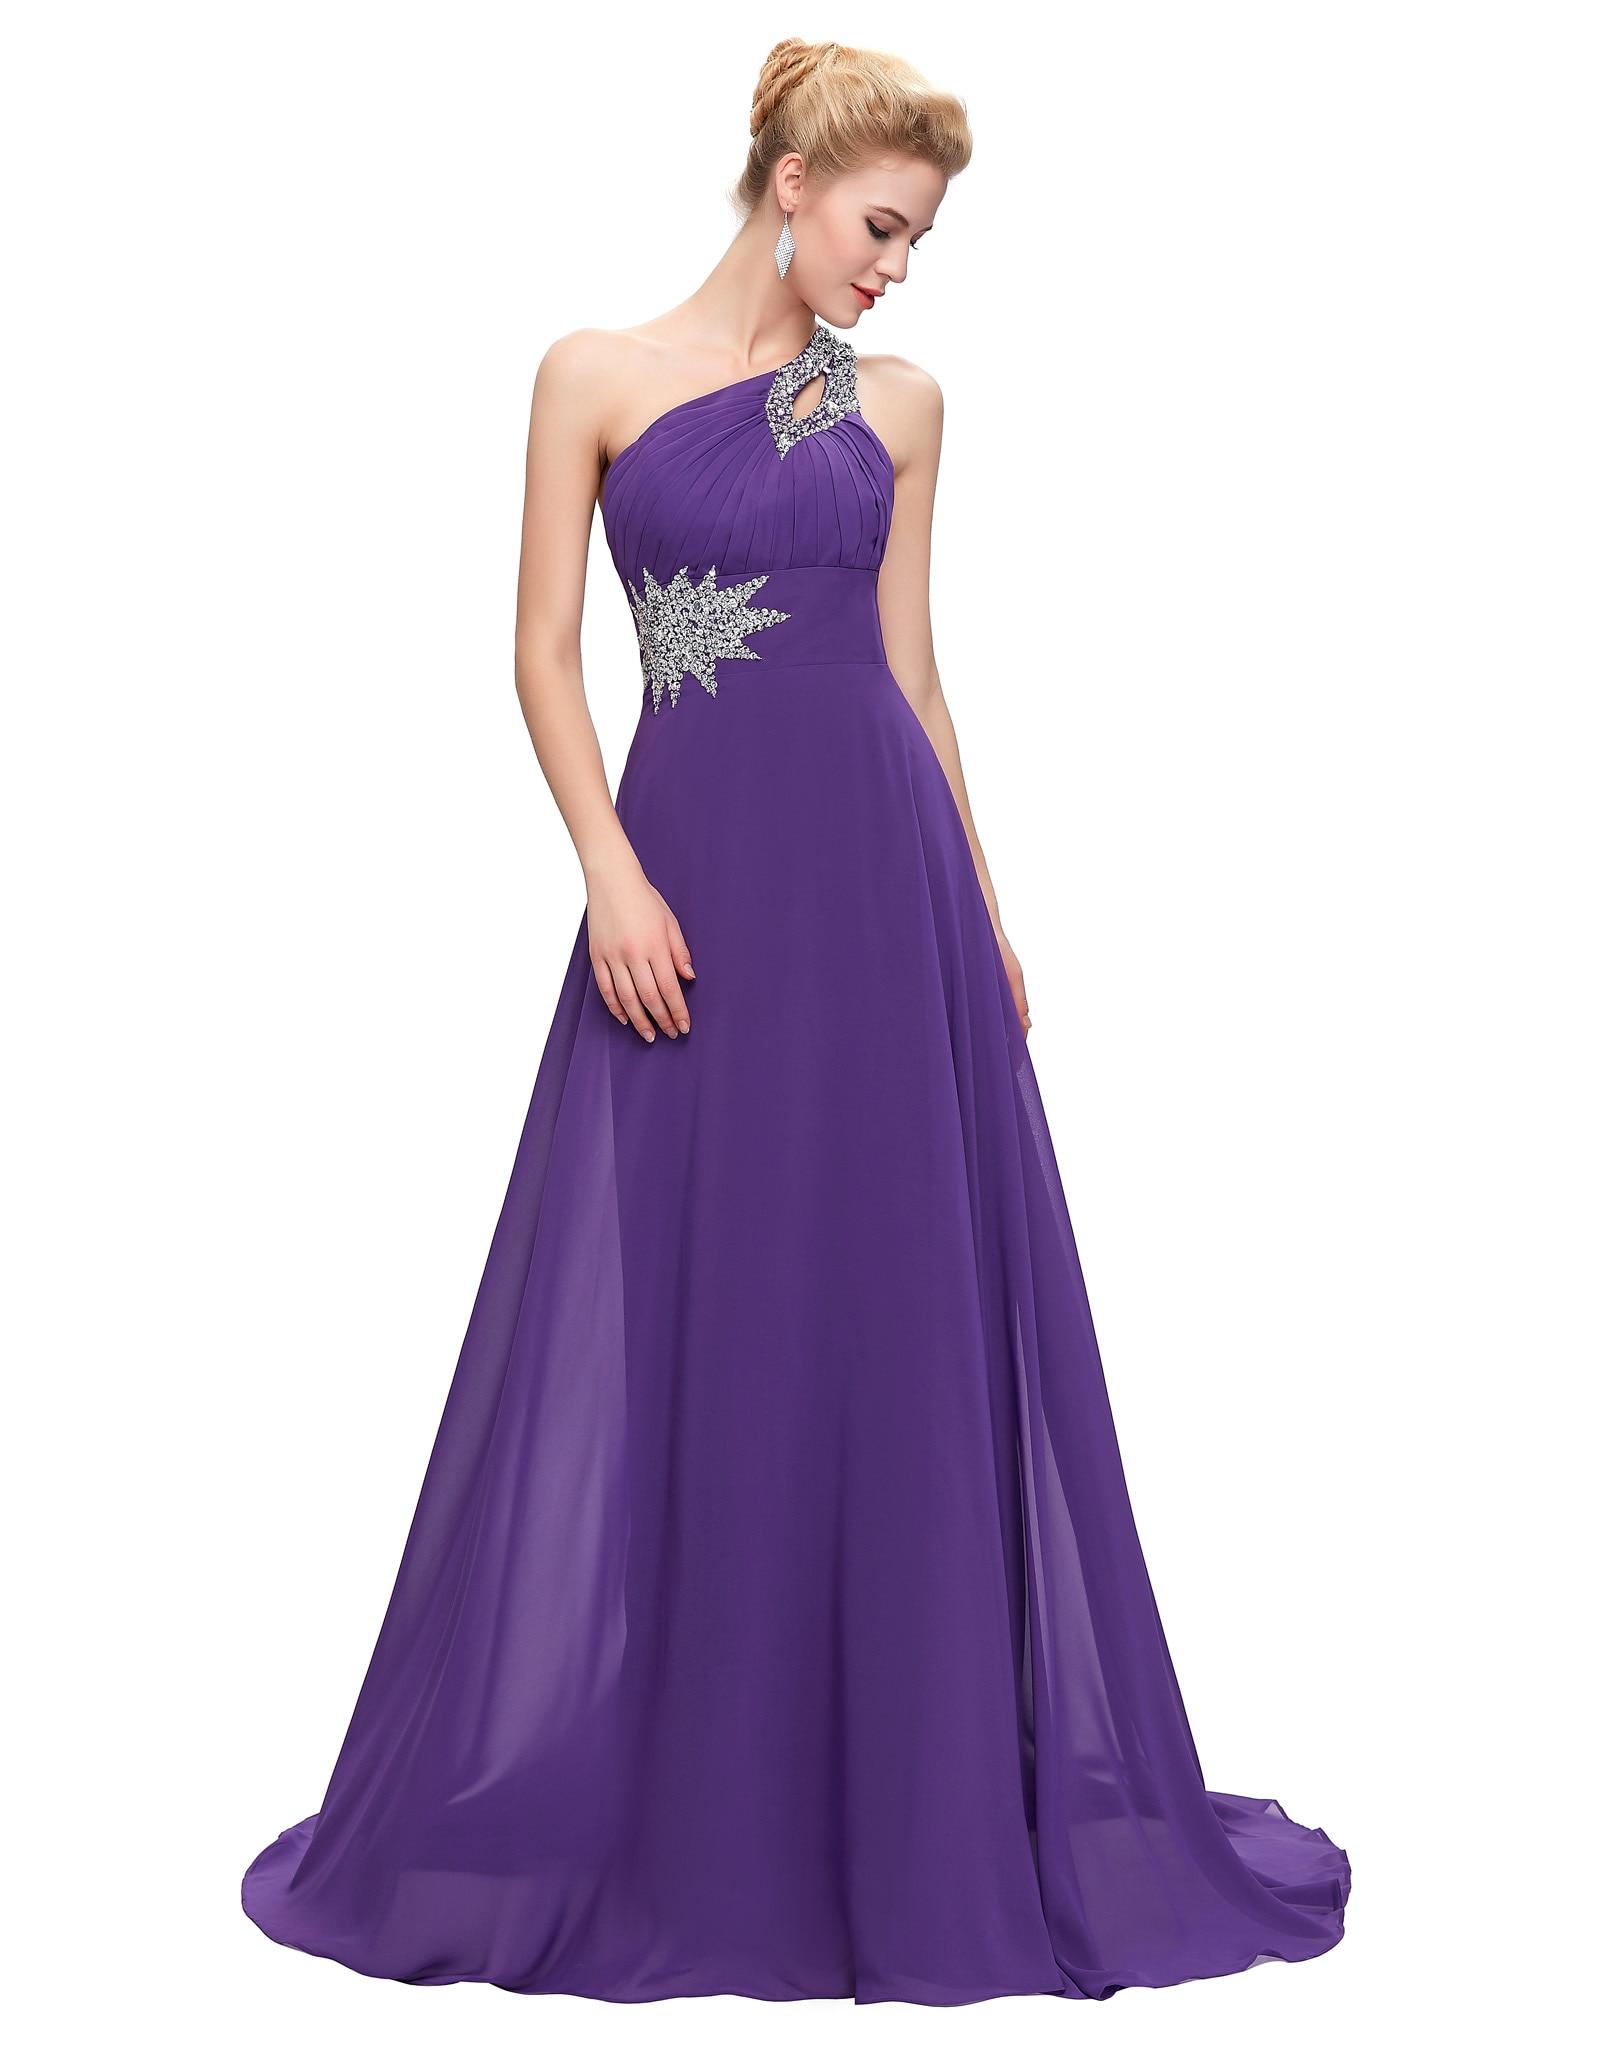 Grace karin un hombro rojo azul royal purple coral una línea baratos ...